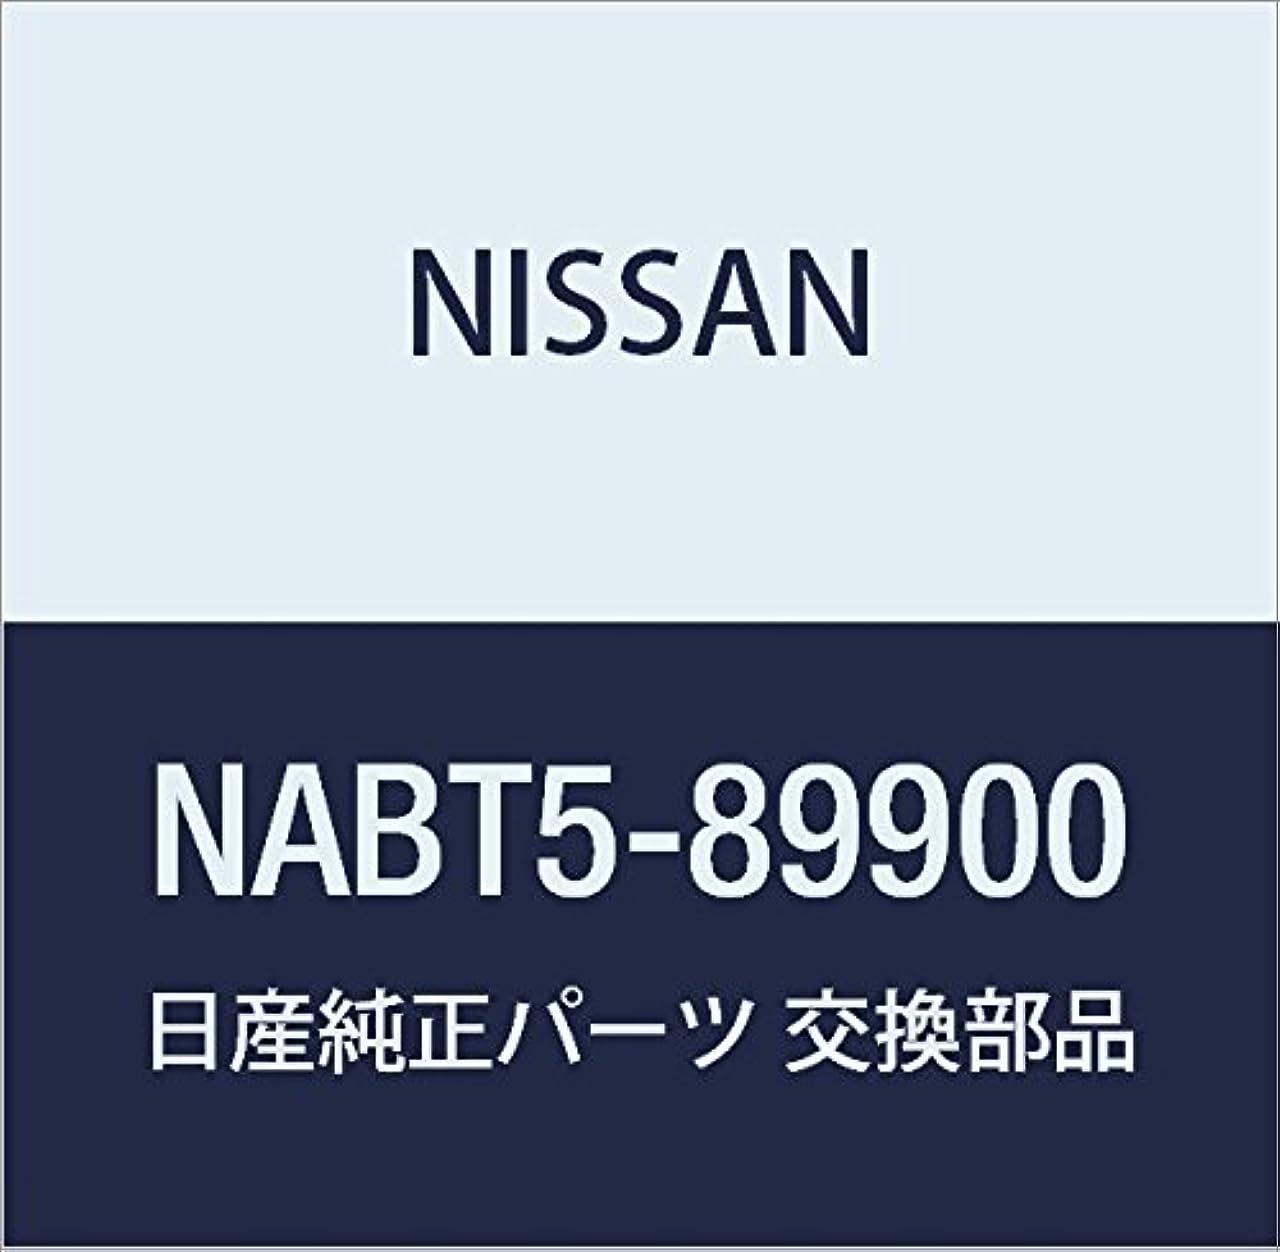 オーロックダニ動揺させるNISSAN(ニッサン)日産純正部品タッチラックス NABT5-89900